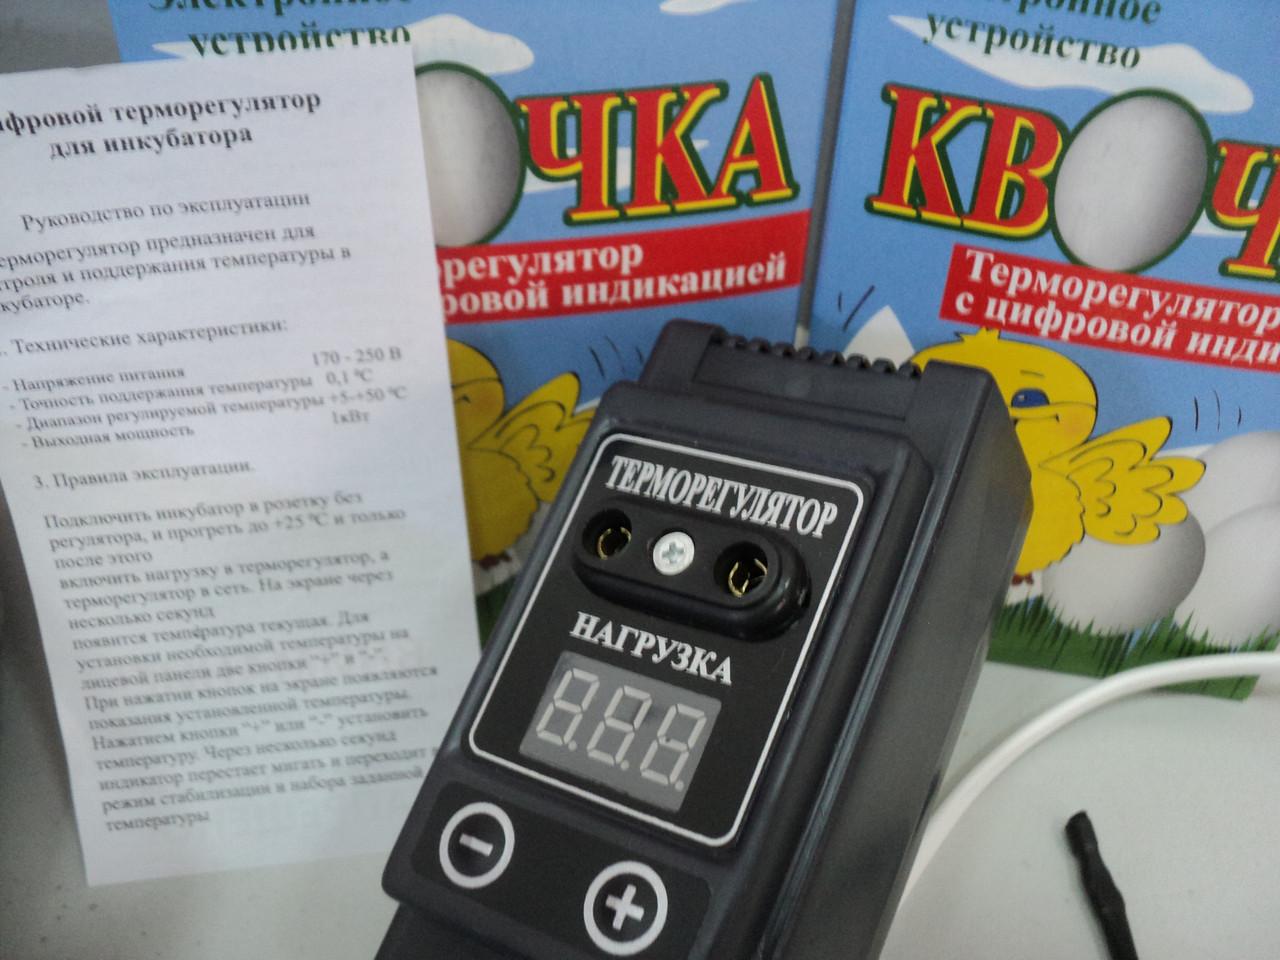 Цифровий терморегулятор для інкубатора Квочка